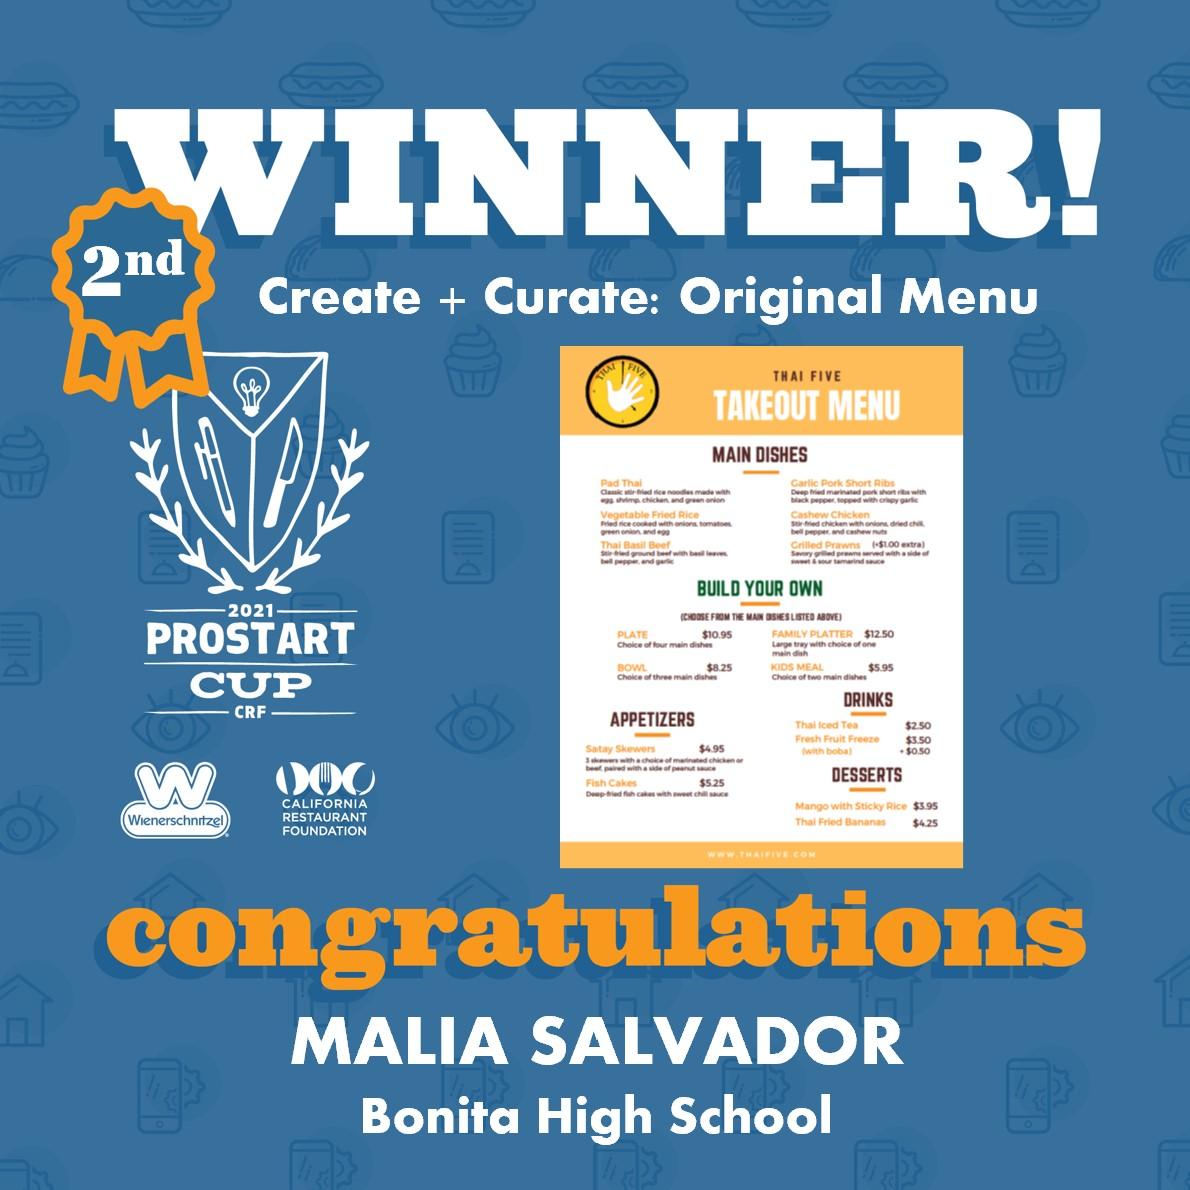 2021 ProStart Winner - Create + Curate: Original Menu - 2nd Place